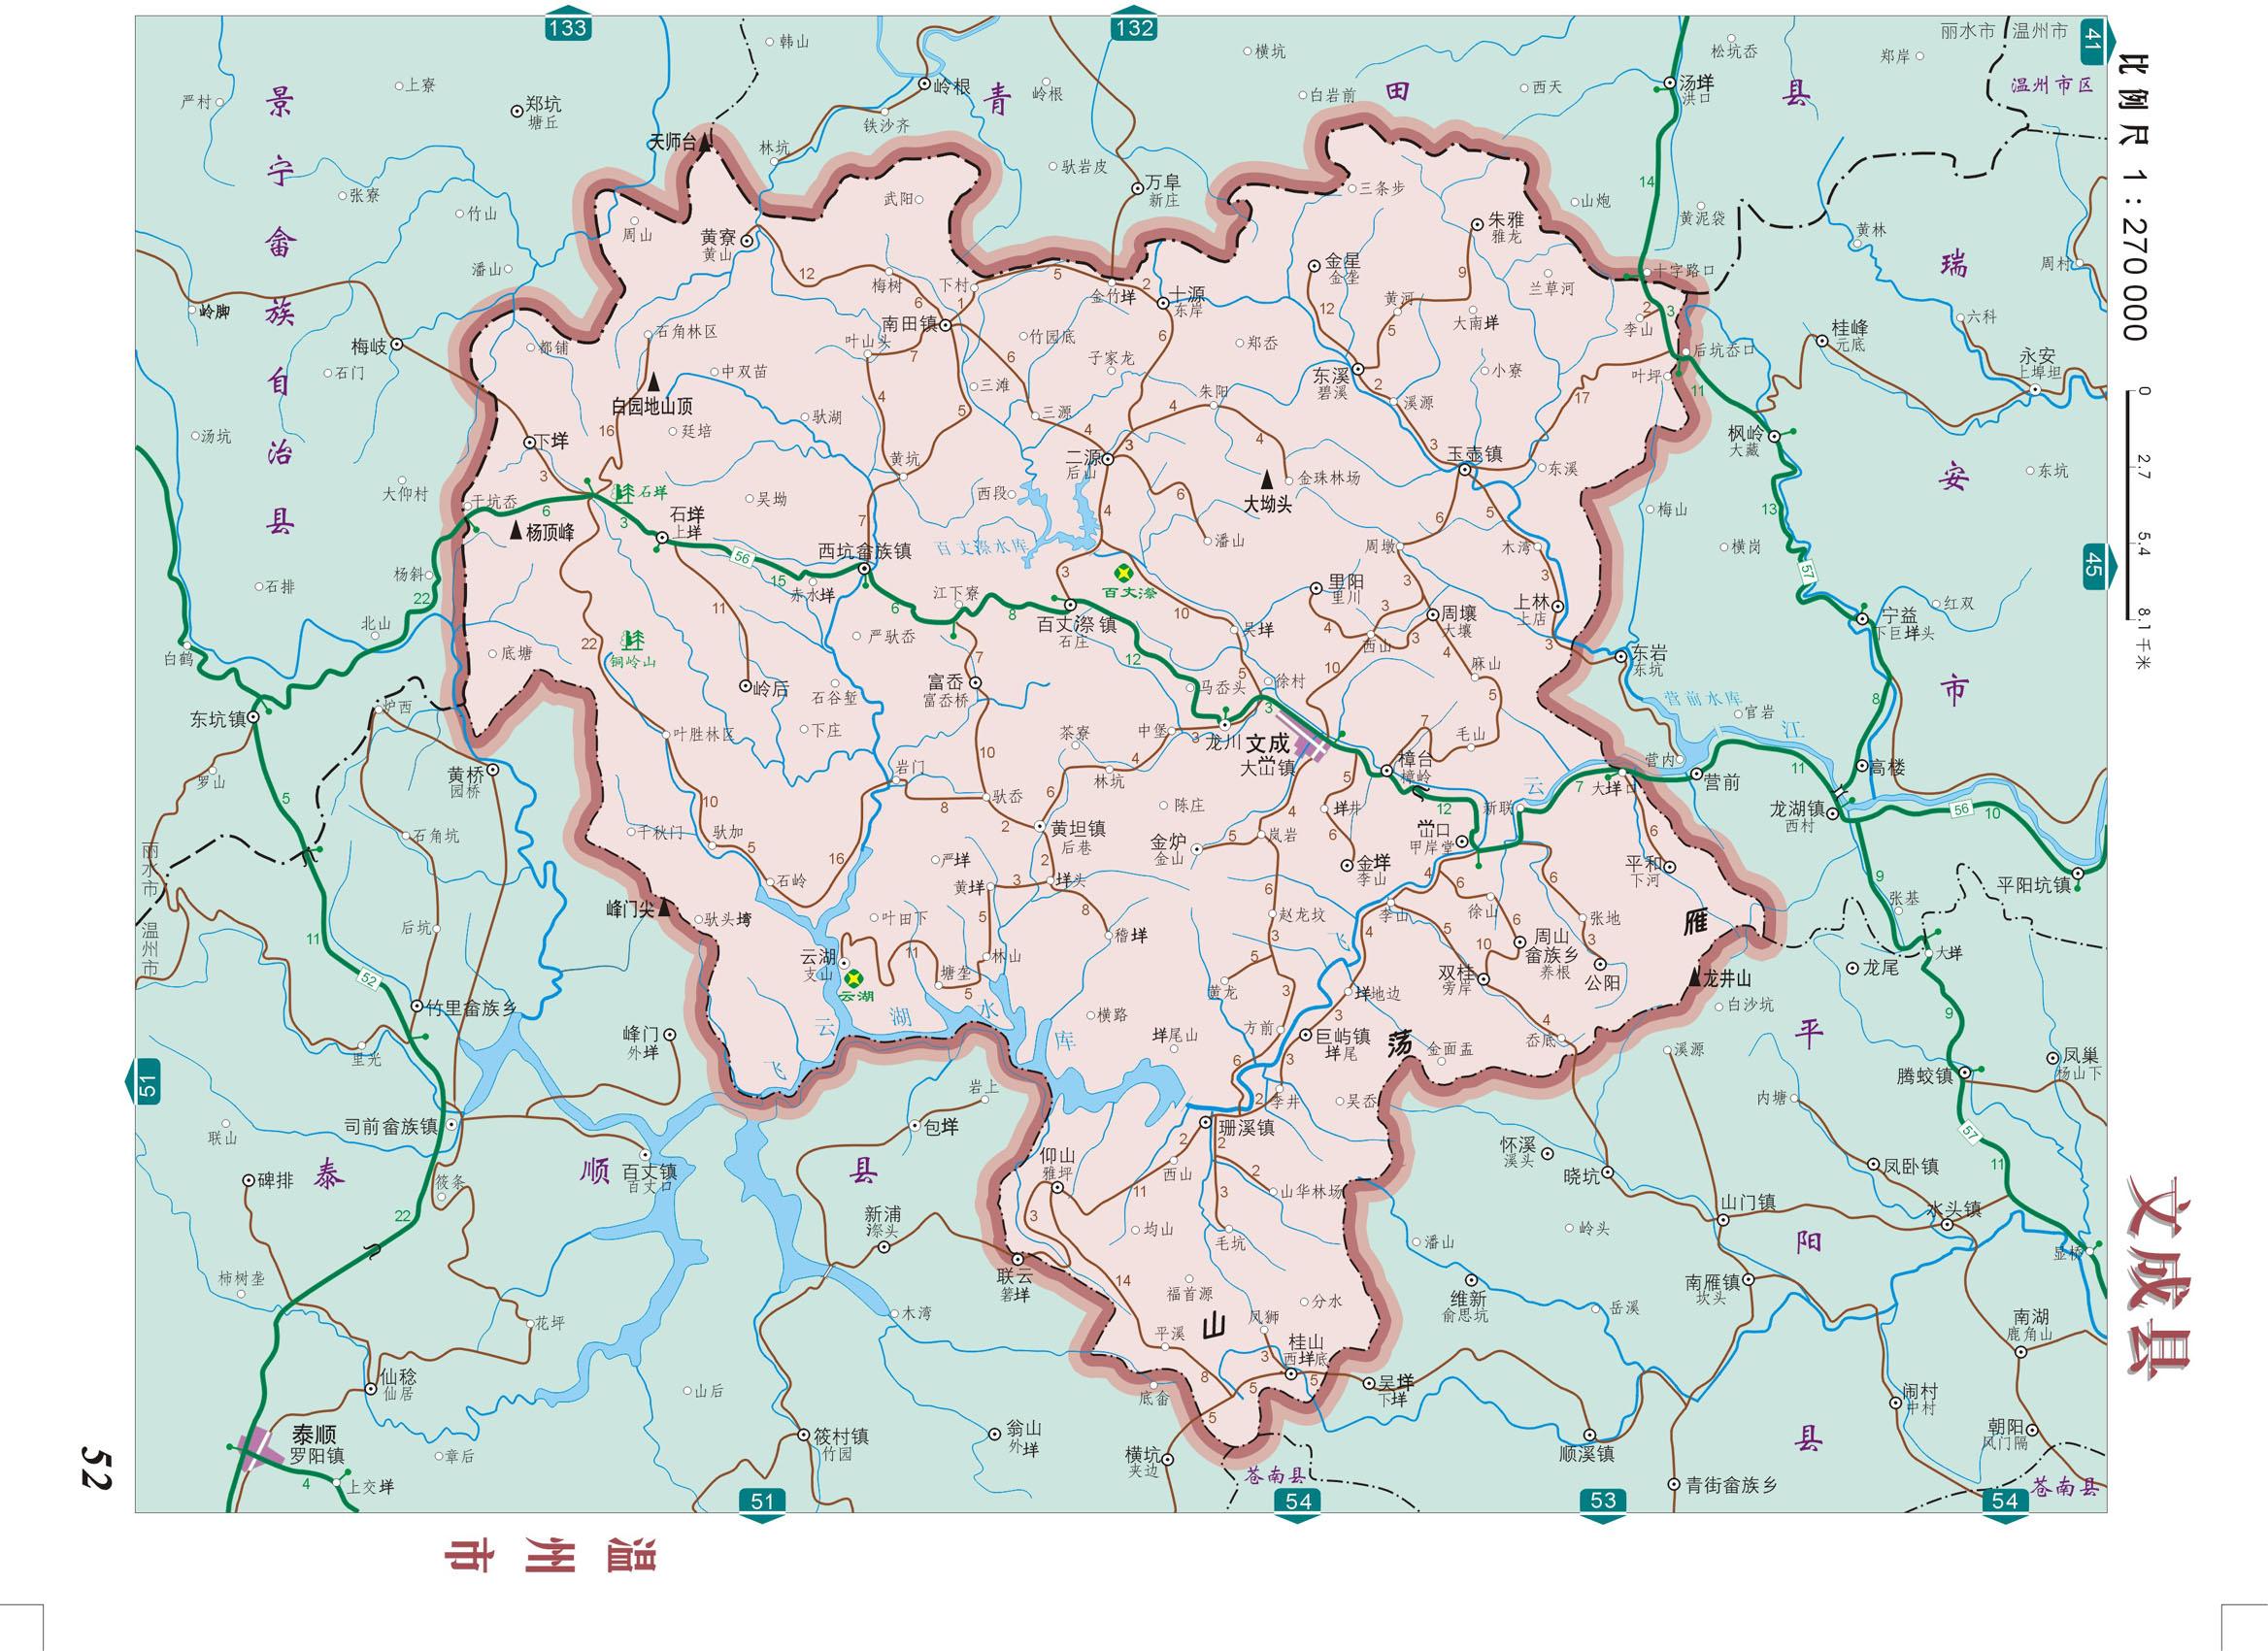 温州市地图查询